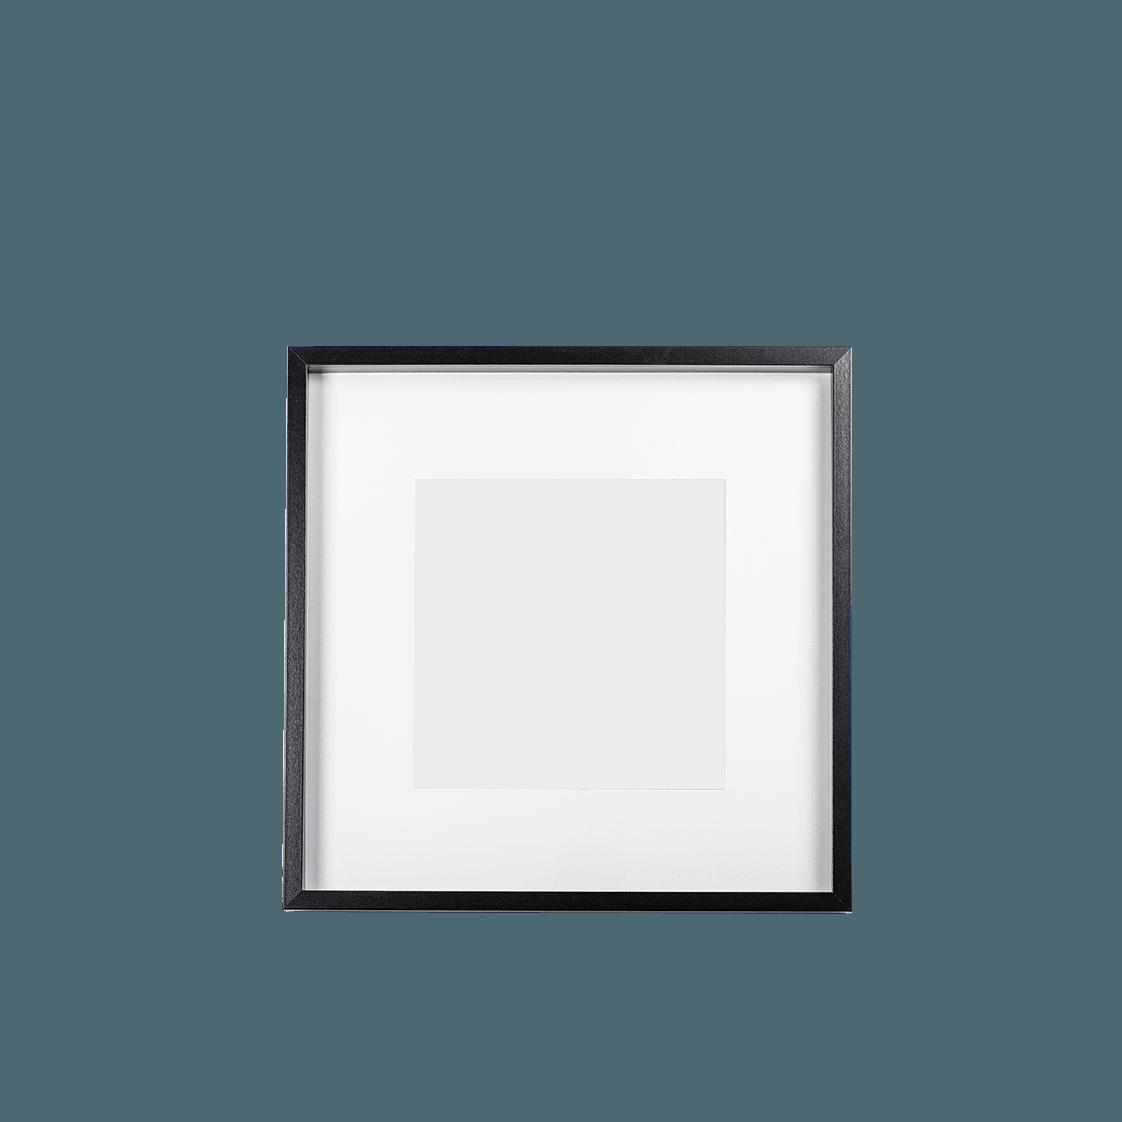 Keretezett kép (fekete, négyzetes)